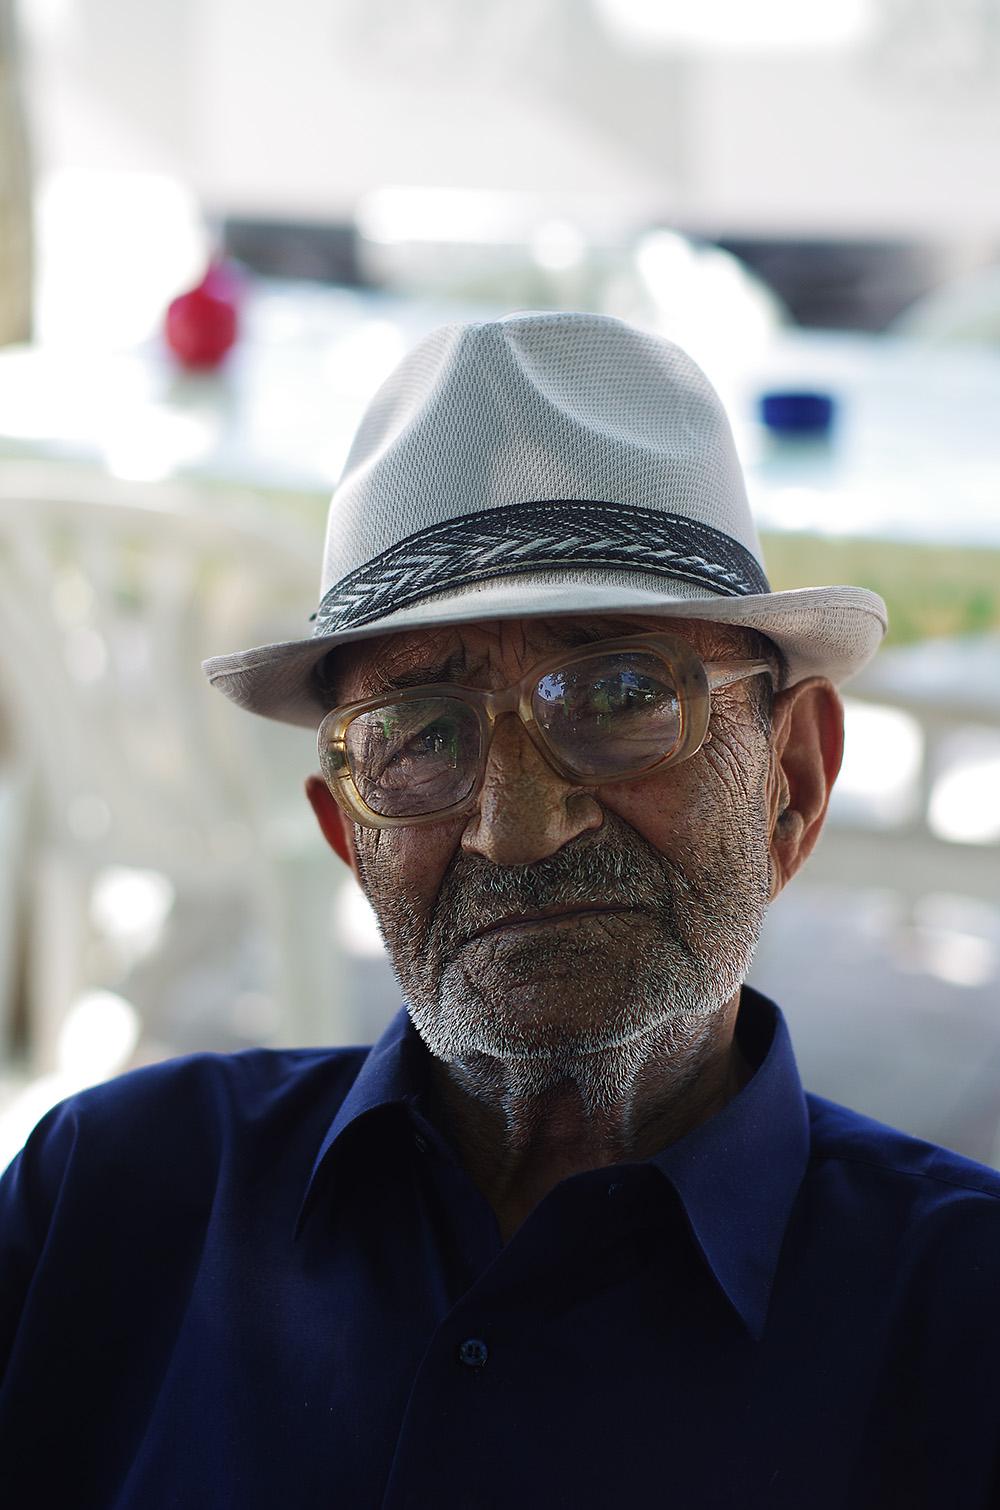 Portrait d'un vieil homme azéri. Nos rencontres avec les locaux, comme en Asie centrale, se font souvent autour d'un thé. Cet homme accepte de prendre la pose pour notre objectif. Il souhaite avoir la photo mais n'a pas d'e-mail ou quelconque support pour la récupérer au format digital. Embarrassé, Brian promet de lui envoyer imprimée une fois rentré en France.